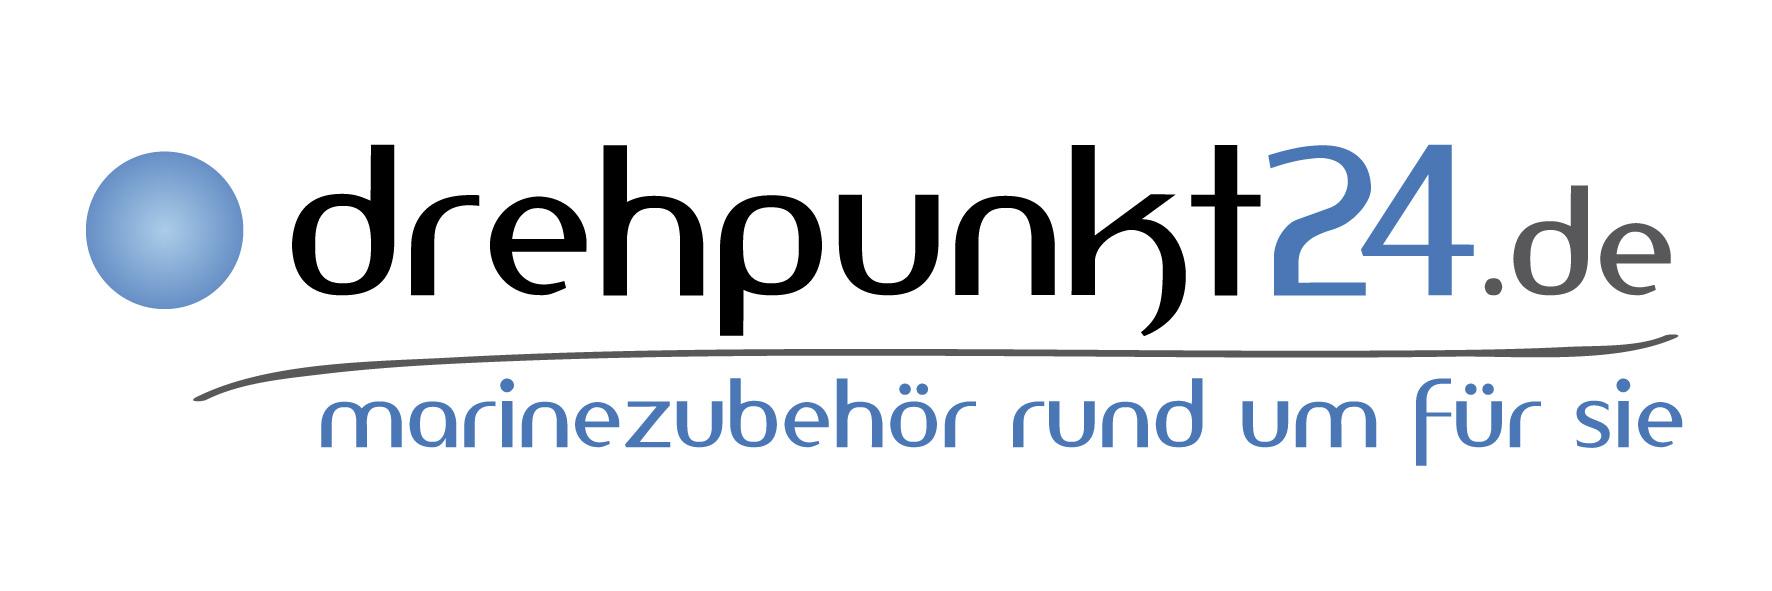 drehpunkt24-logo